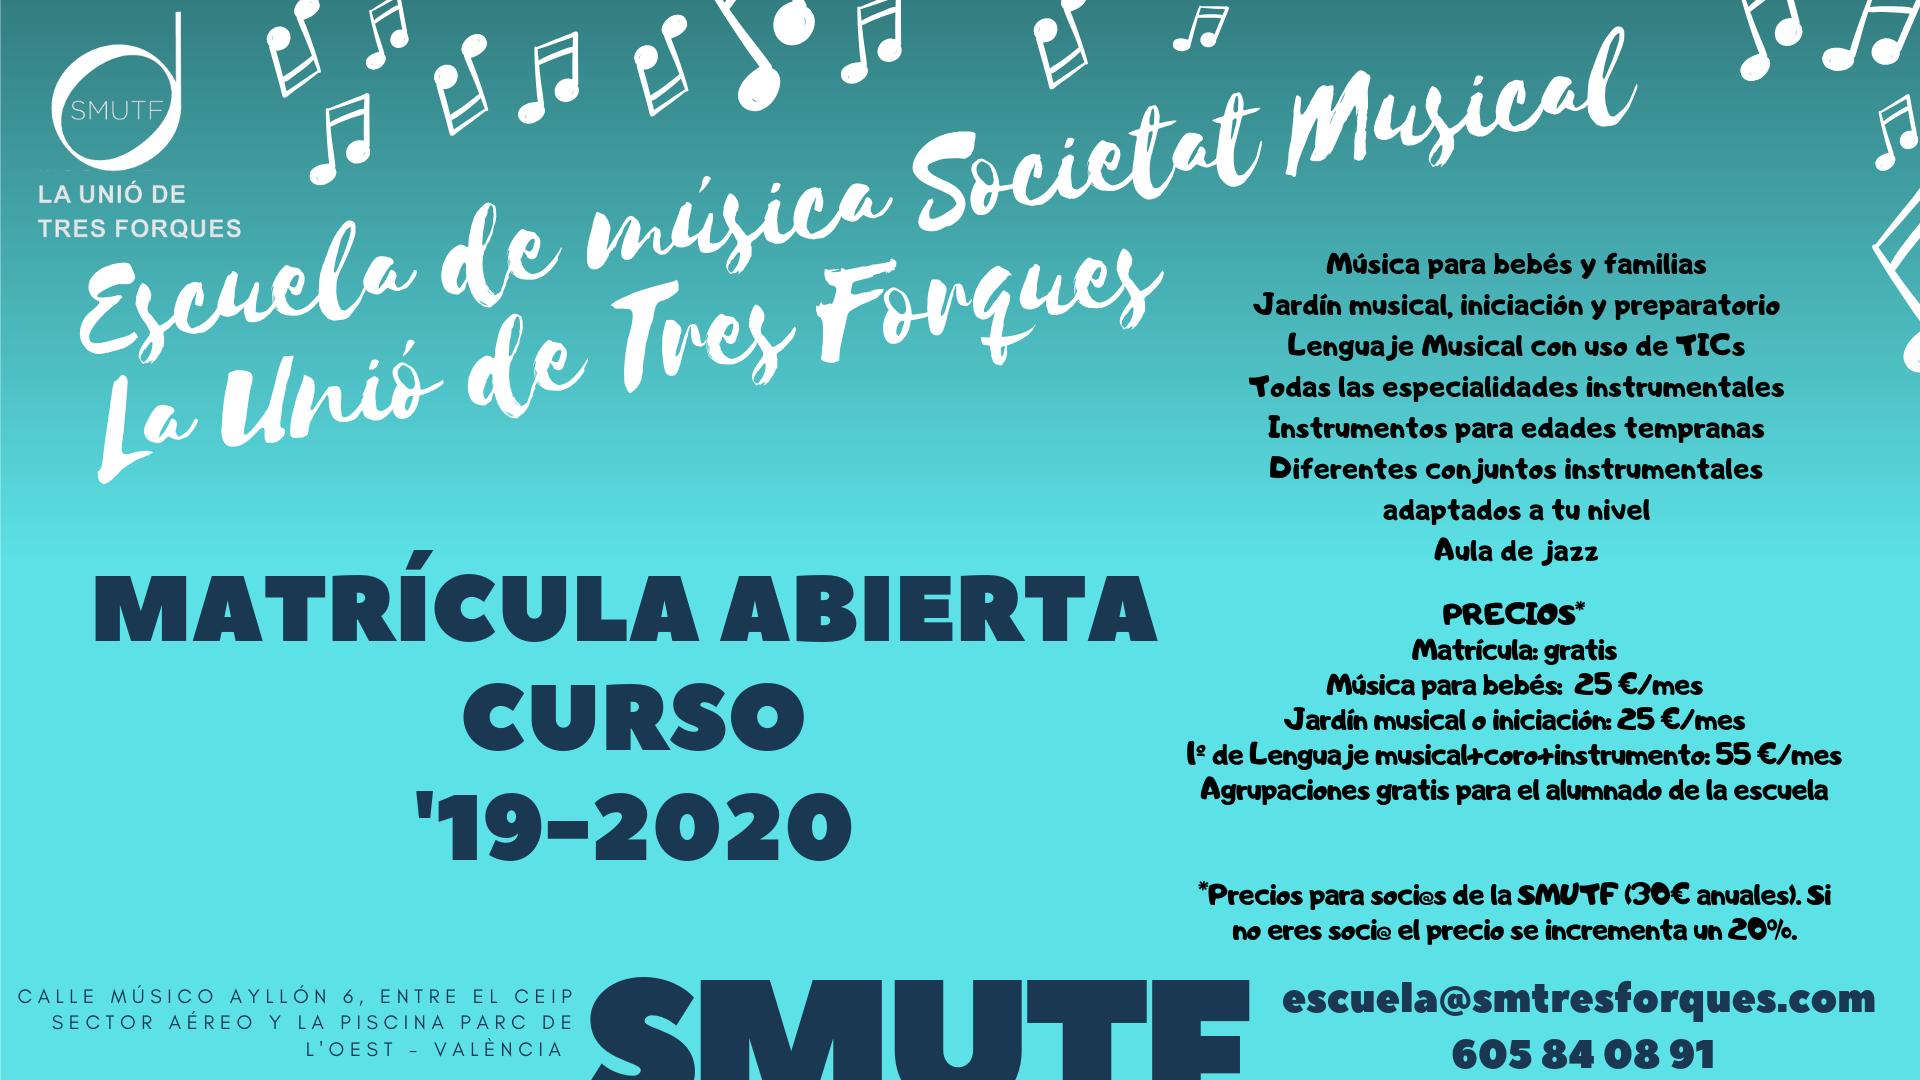 7 Escuela de música Societat Musical La Unió de Tres Forques (1)